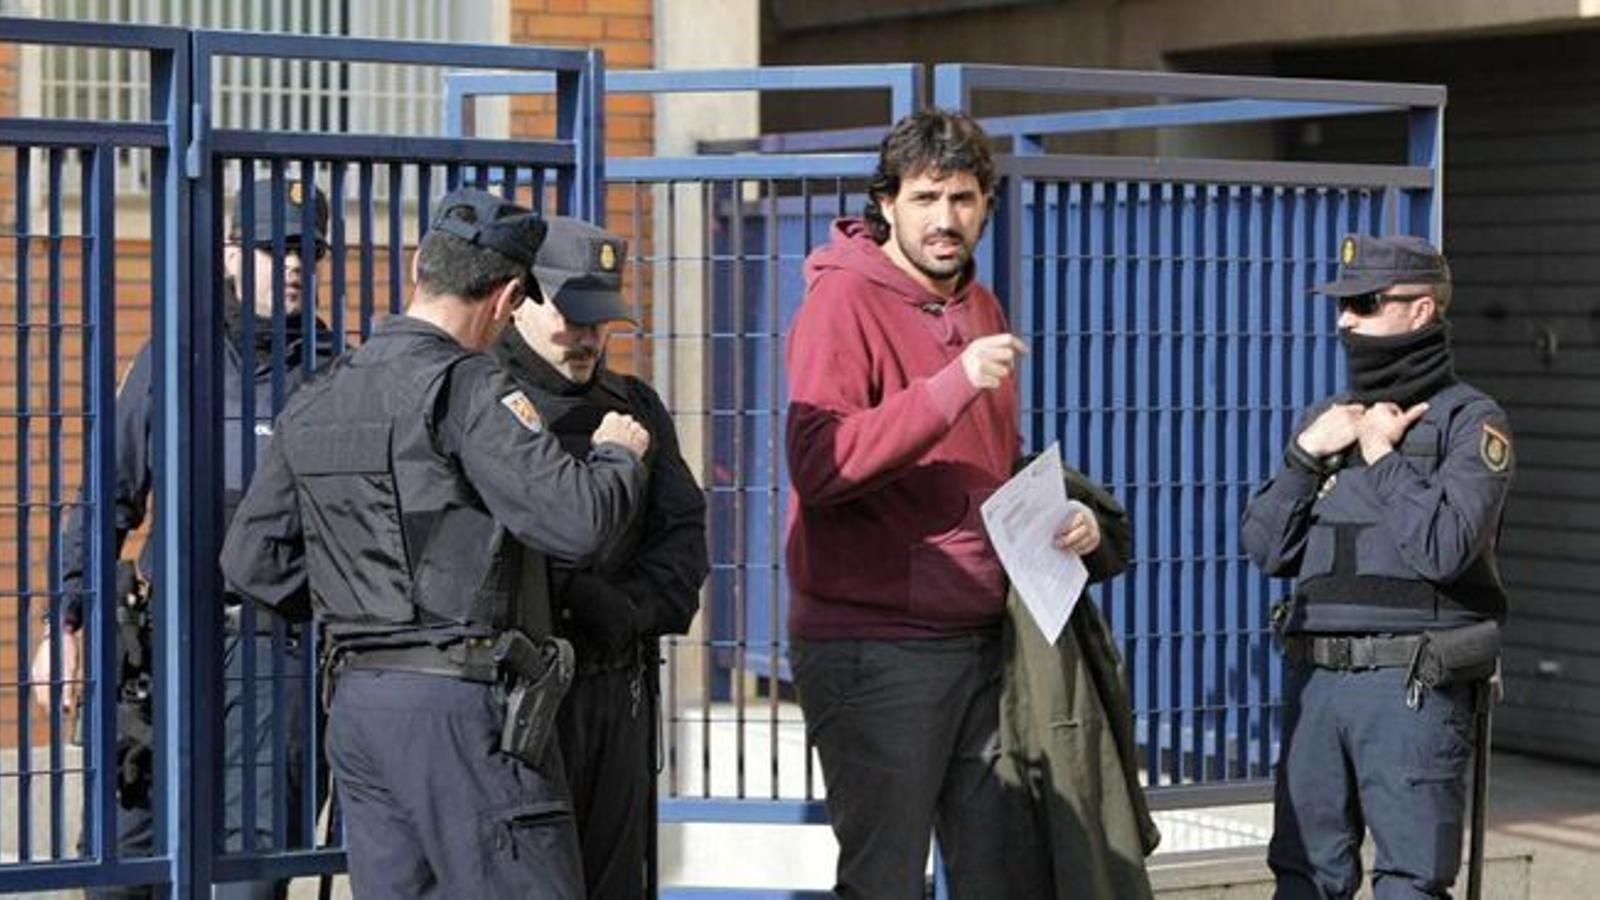 La policia espanyola deté setze persones a les portes de més protestes pel judici